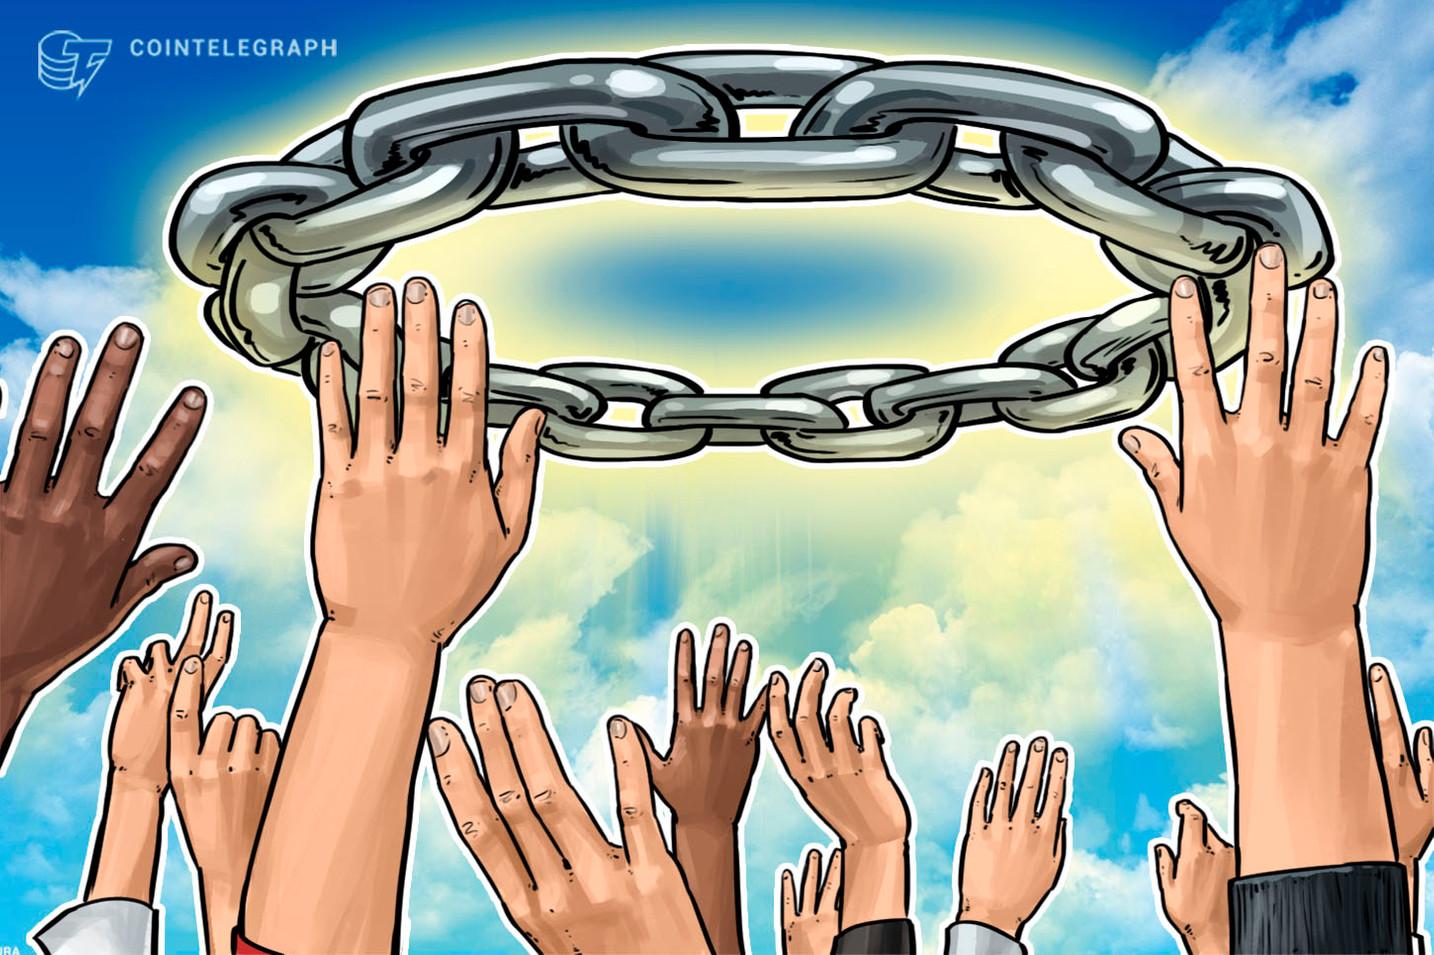 """سامسونغ تكشف عن منصة بلوكتشين من أجل """"تعزيز القدرة التنافسية"""" للأعمال المالية"""